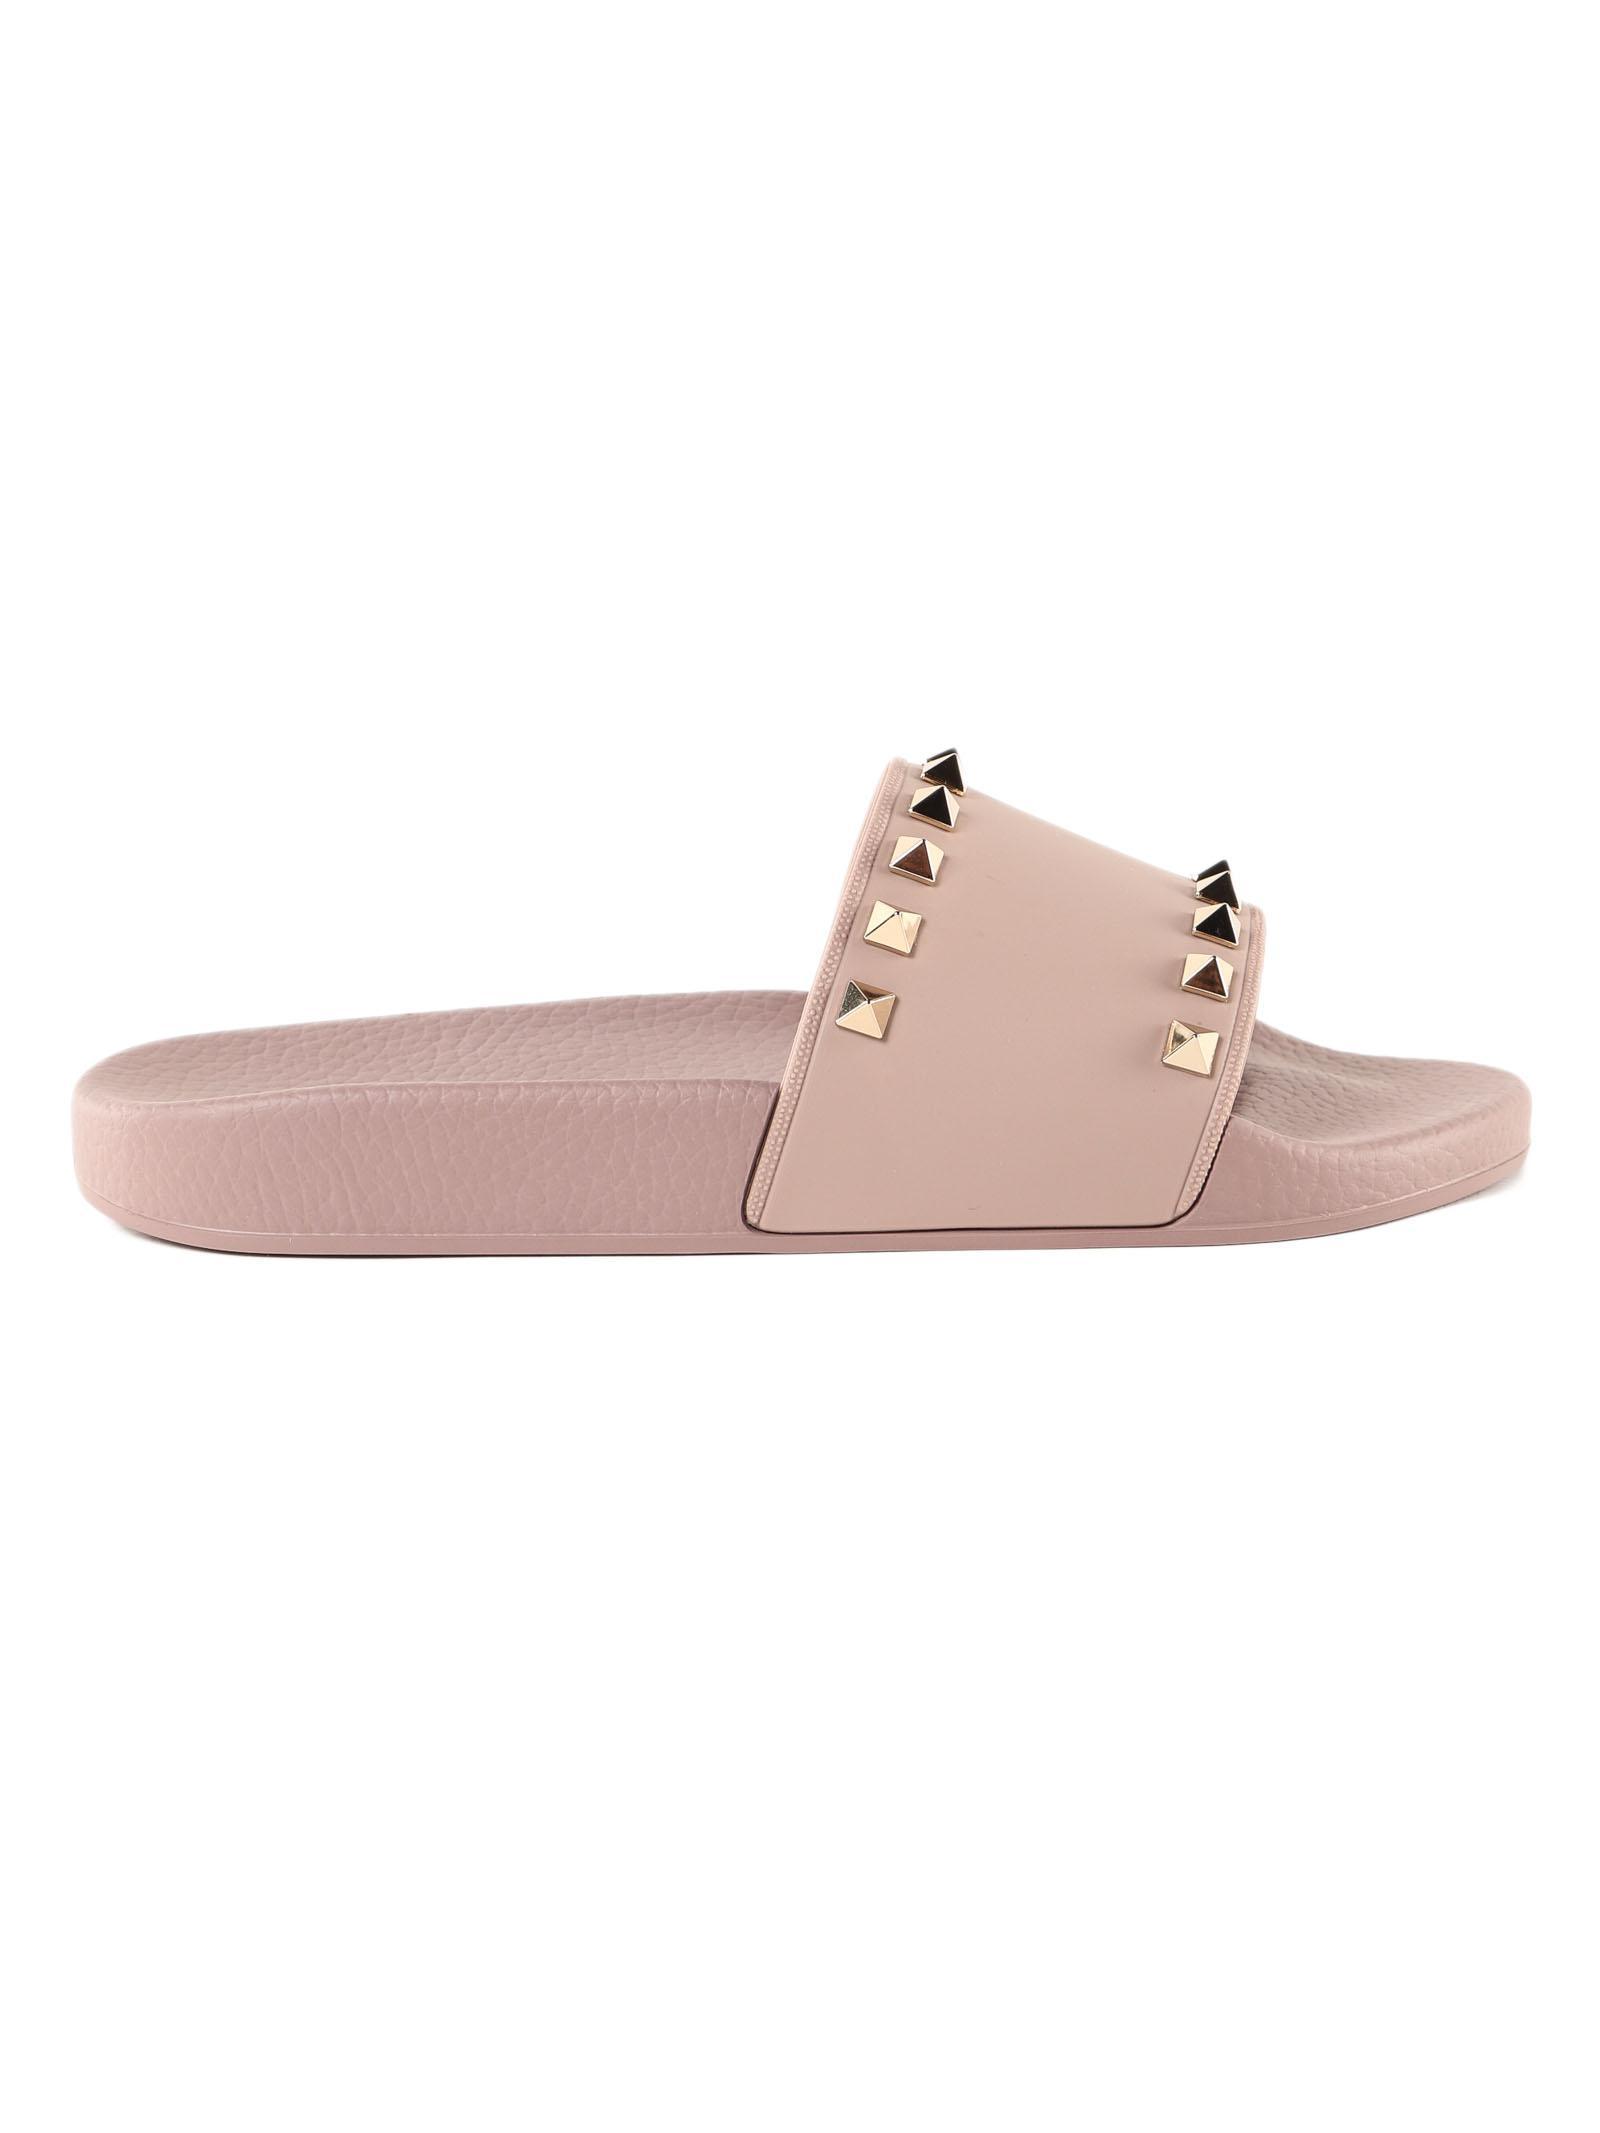 4c49f83f712b Valentino Rockstud Slide Sandal in Pink - Lyst